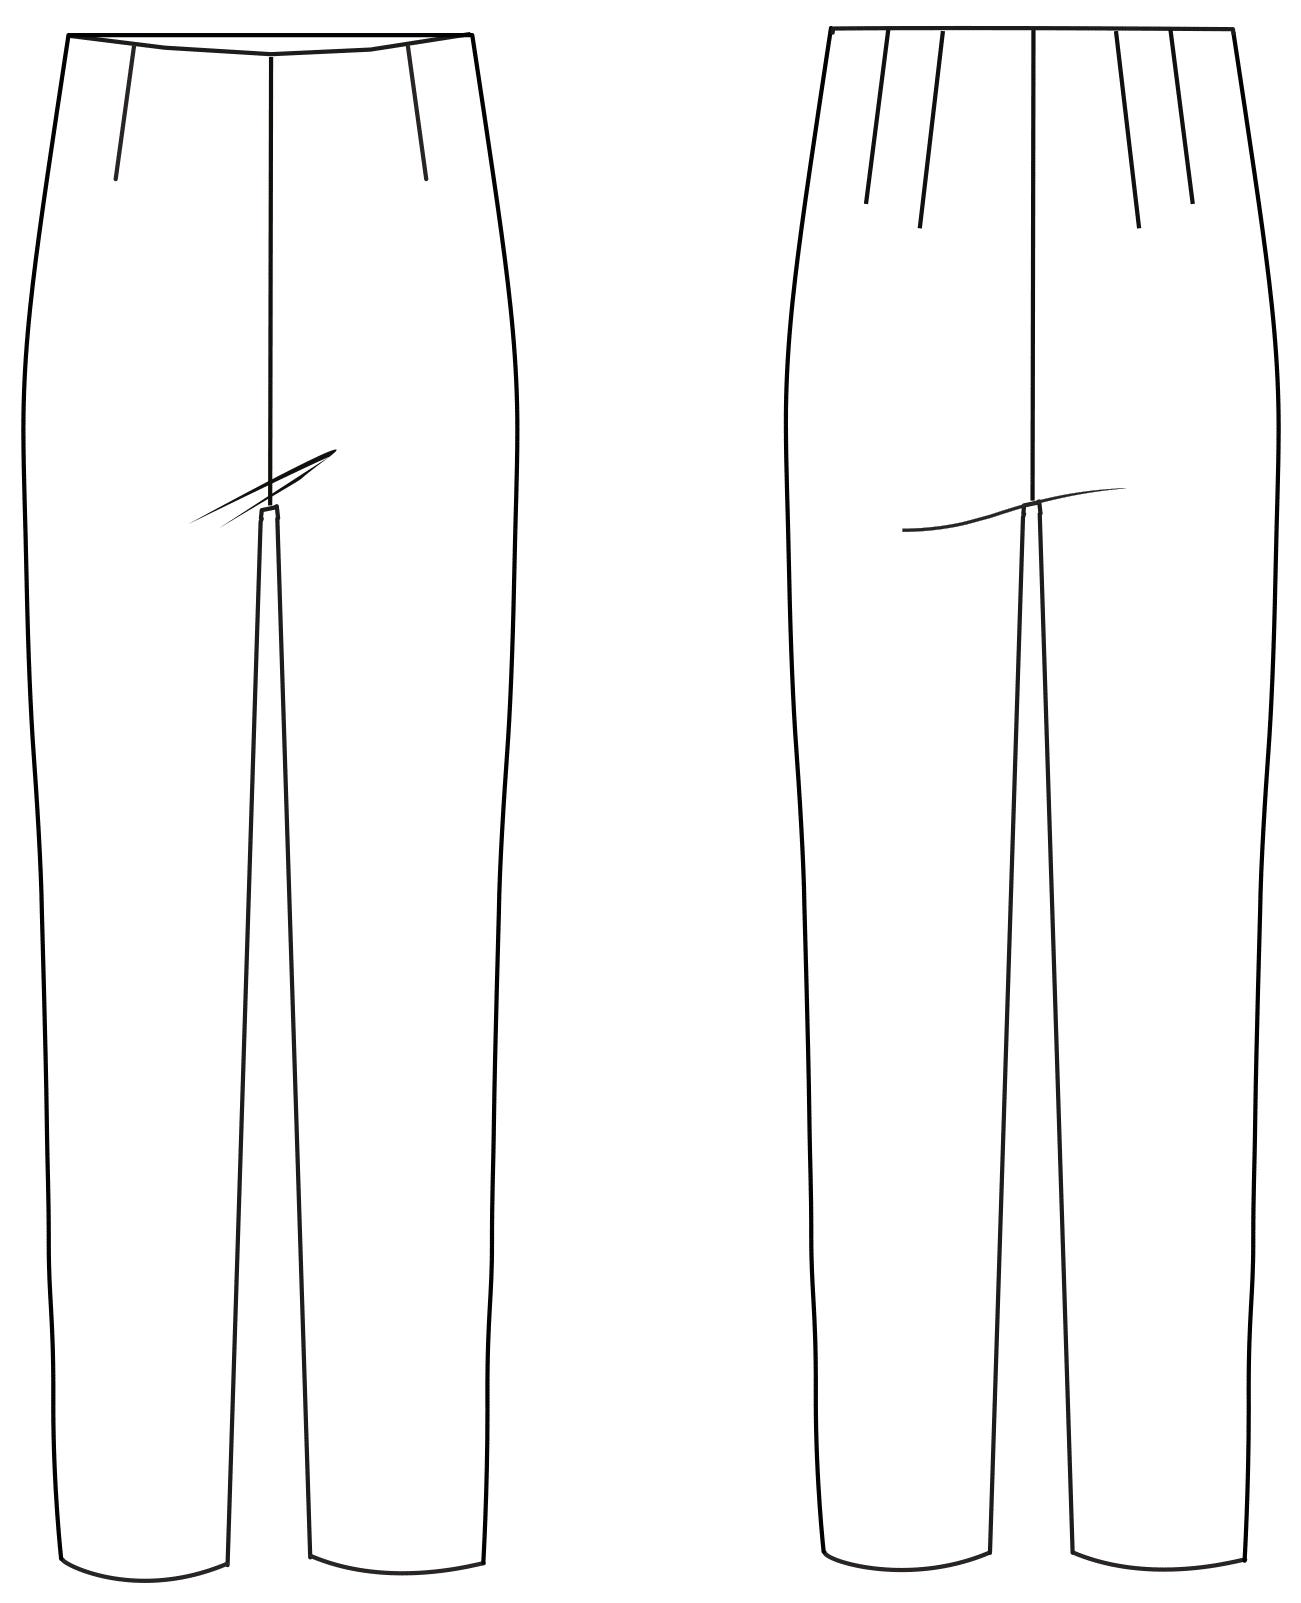 Vorder- und Rückansicht einer technischen Zeichnung von einer Hose. Sie dient als Vorlage für ein Schnittmuster auf einem Schnittmusterbogen von Müller und Sohn.